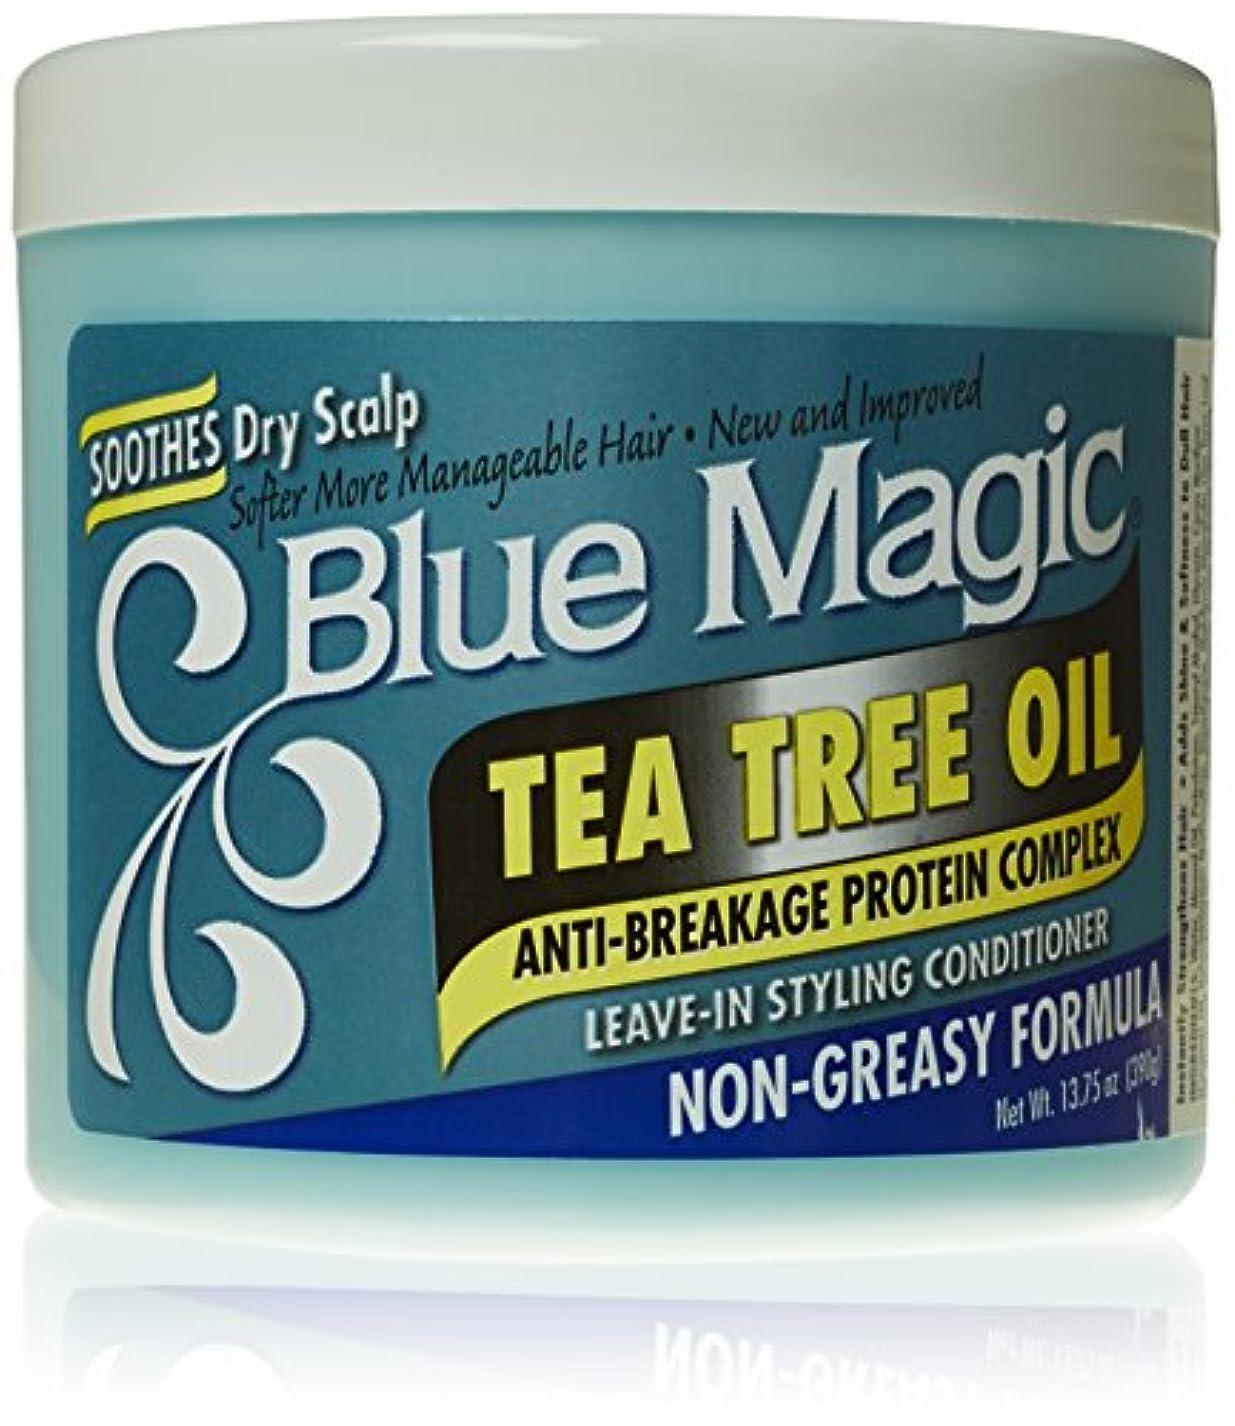 後ろに知恵忠実Blue Magic ティーツリーは、リーブインヘアスタイリングコンディショナー、13.75オンス